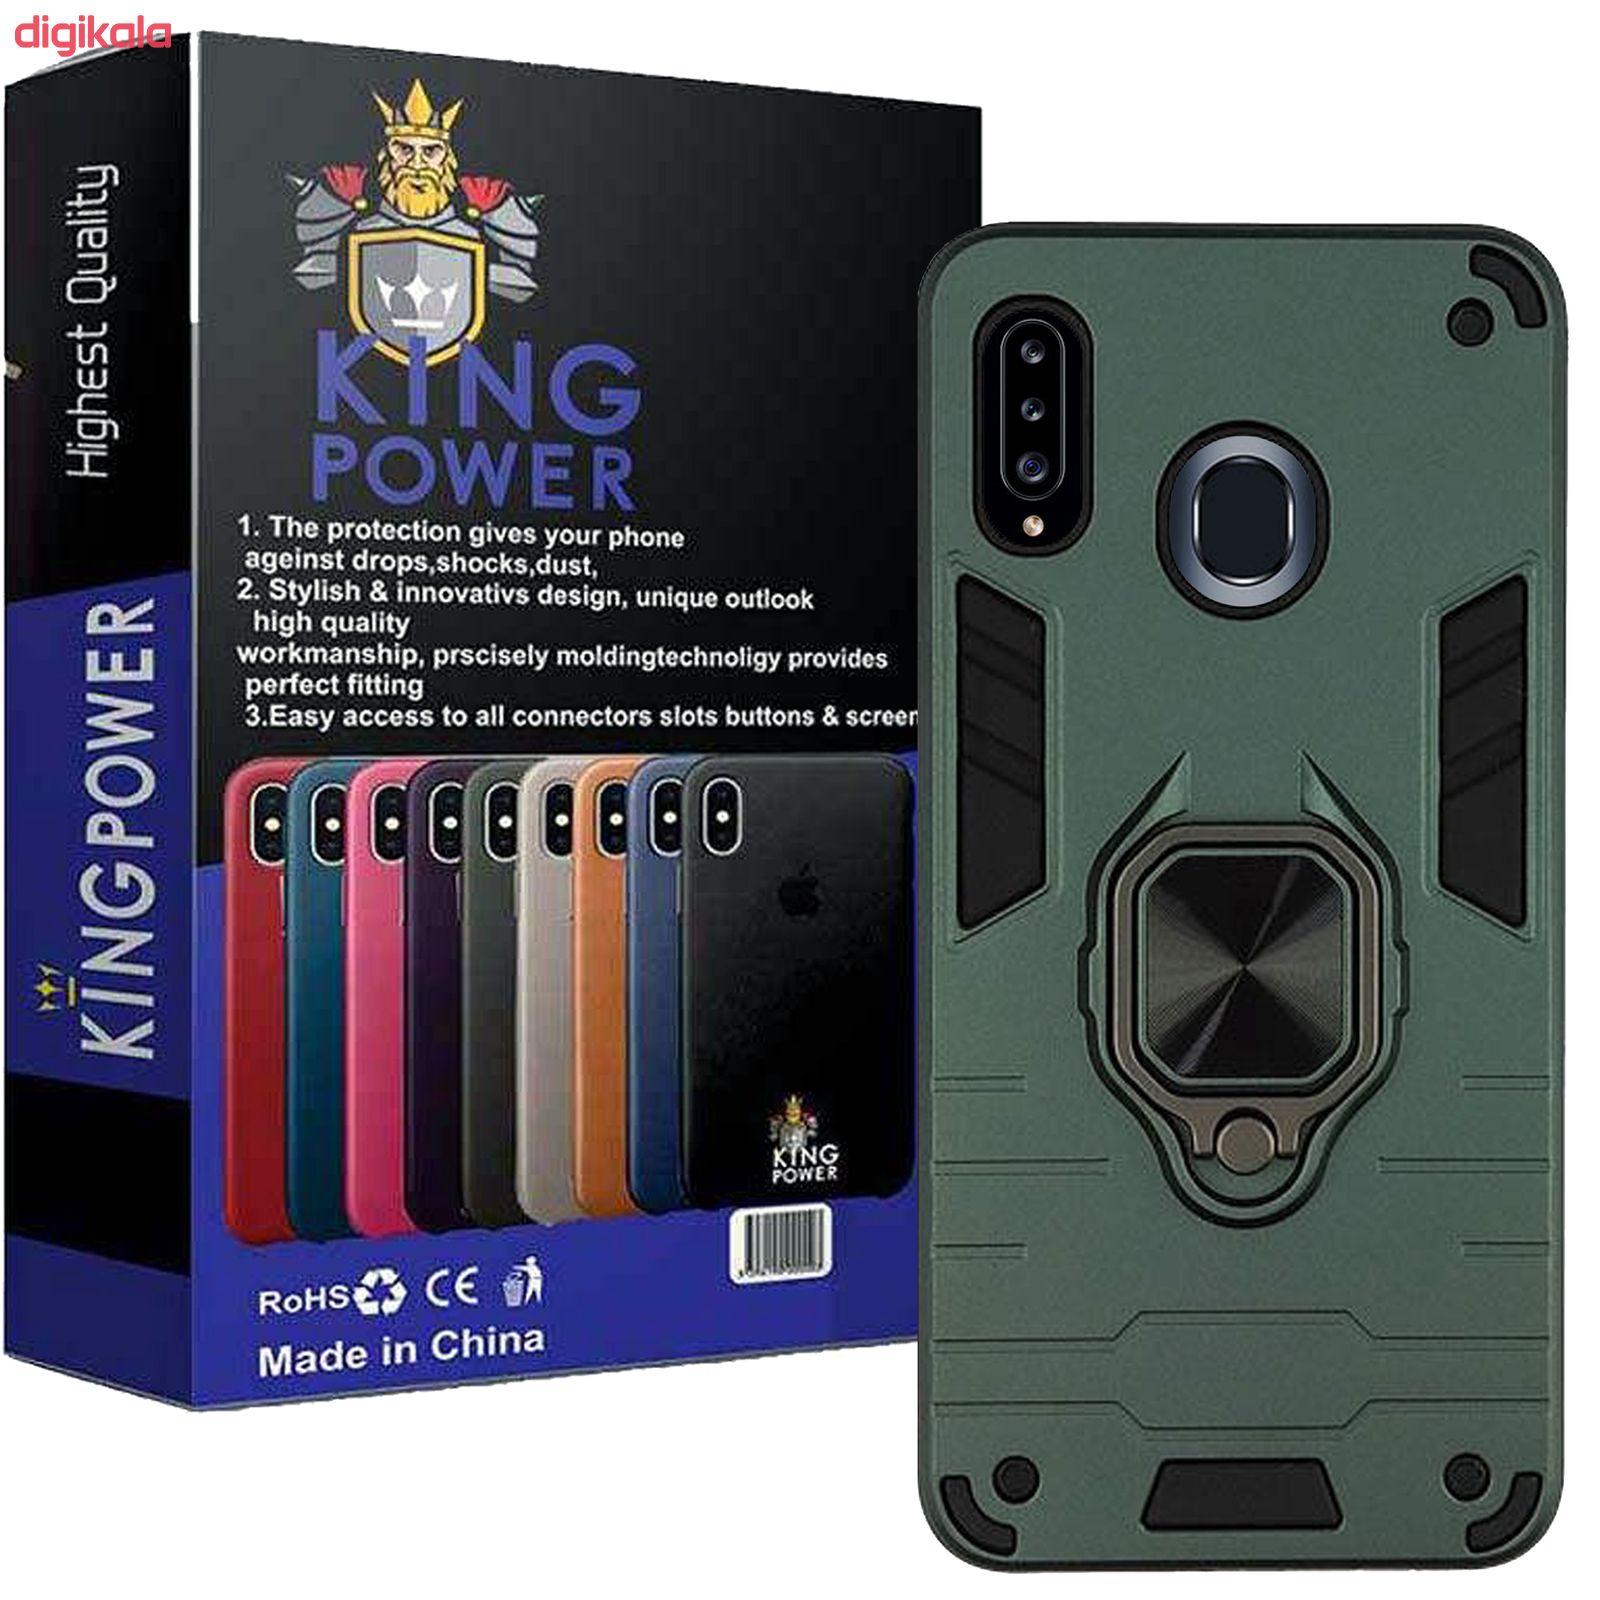 کاور کینگ پاور مدل ASH22 مناسب برای گوشی موبایل سامسونگ Galaxy A20s main 1 2